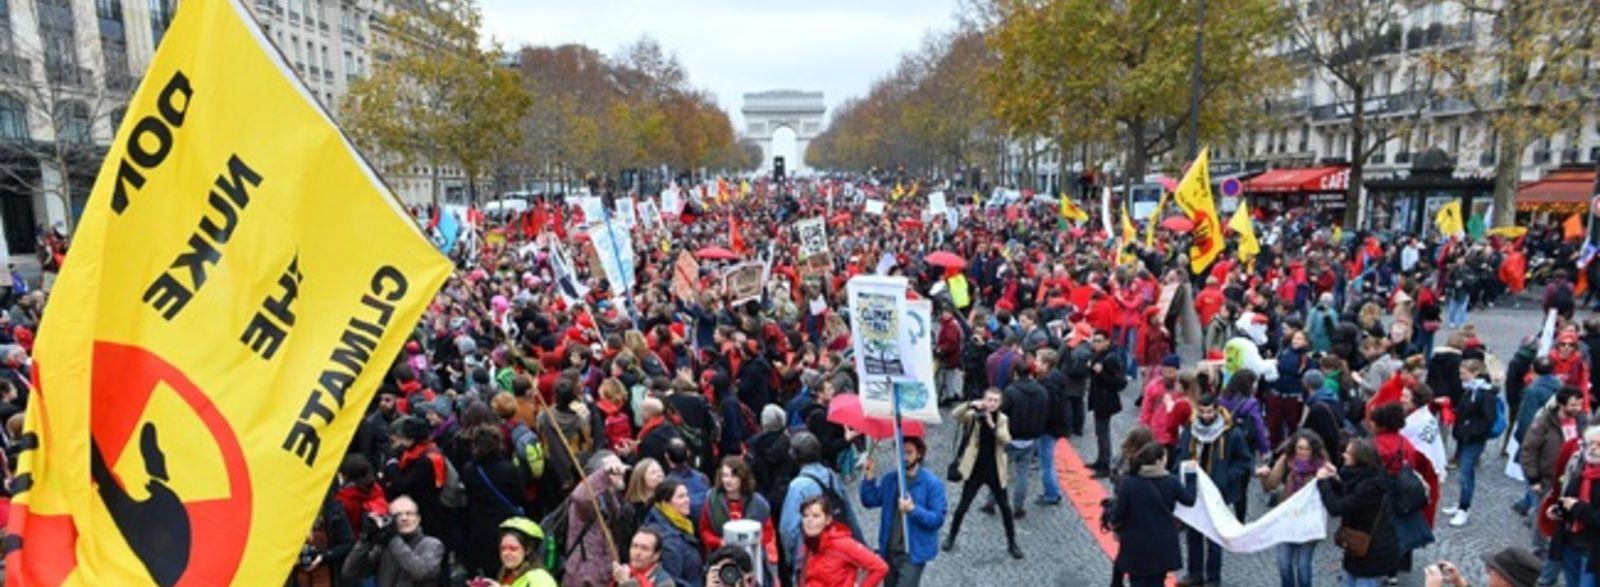 Climat : manifestation pacifique et déterminée dans tout Paris